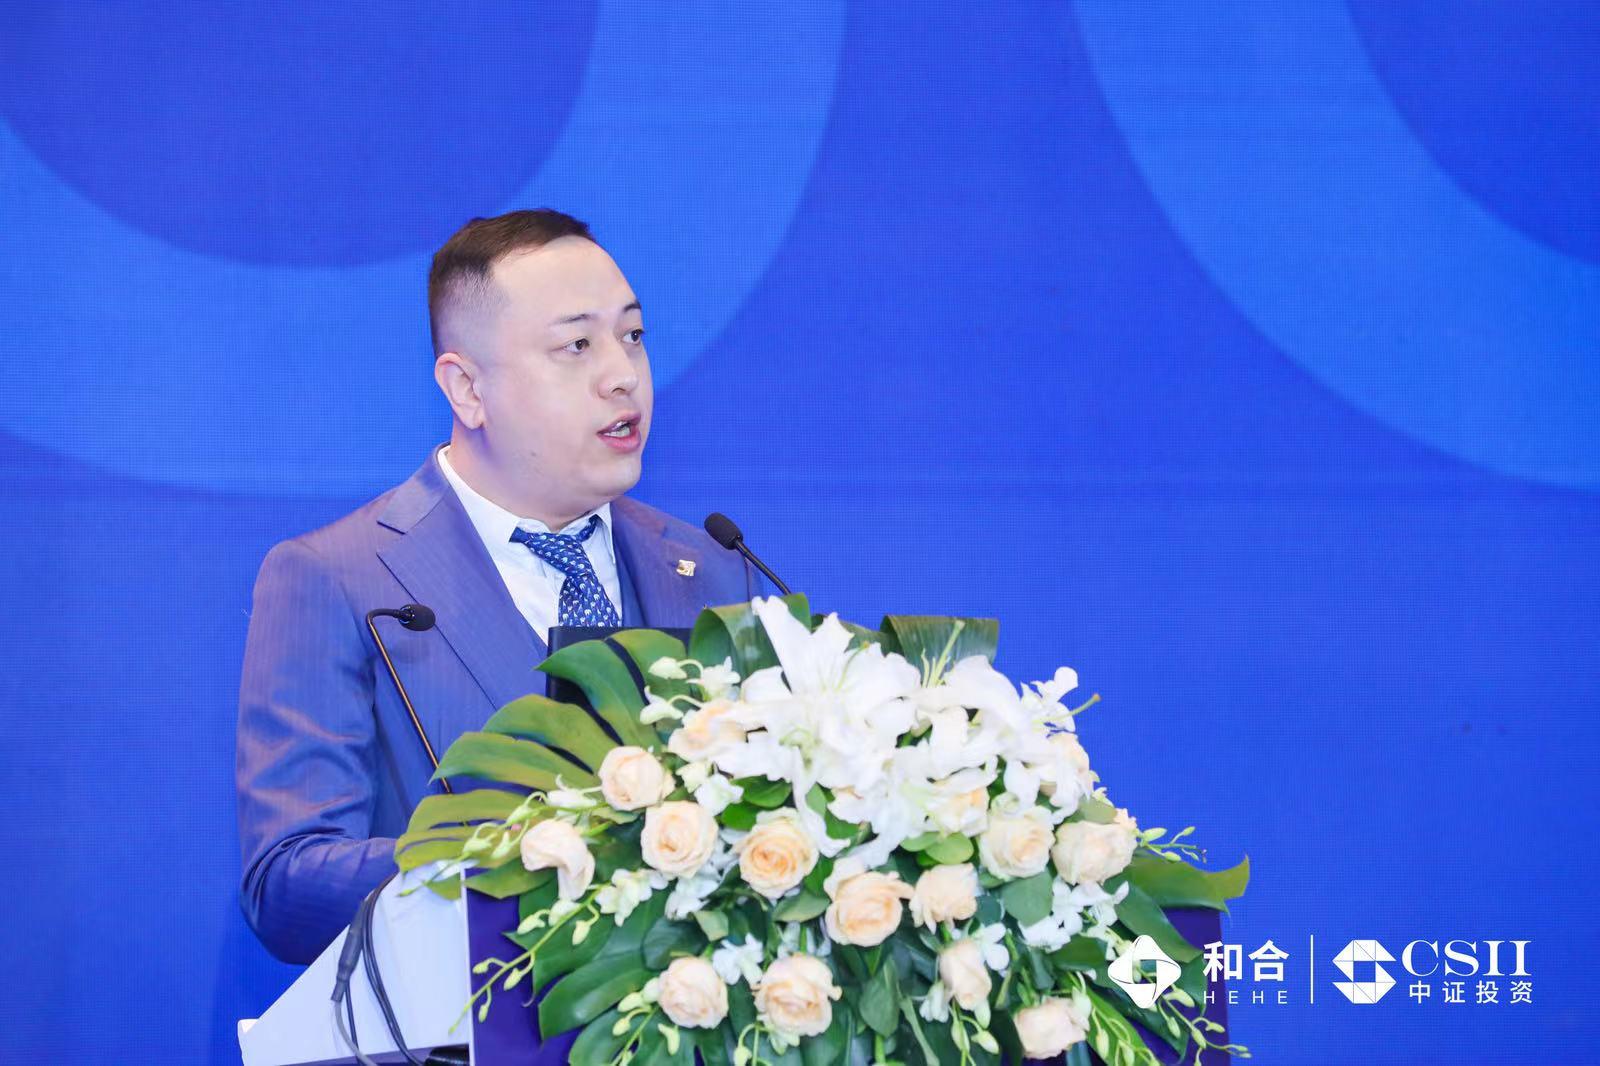 """""""固收+""""市场前景广阔 """"2021中国资产配置高峰论坛""""召开"""